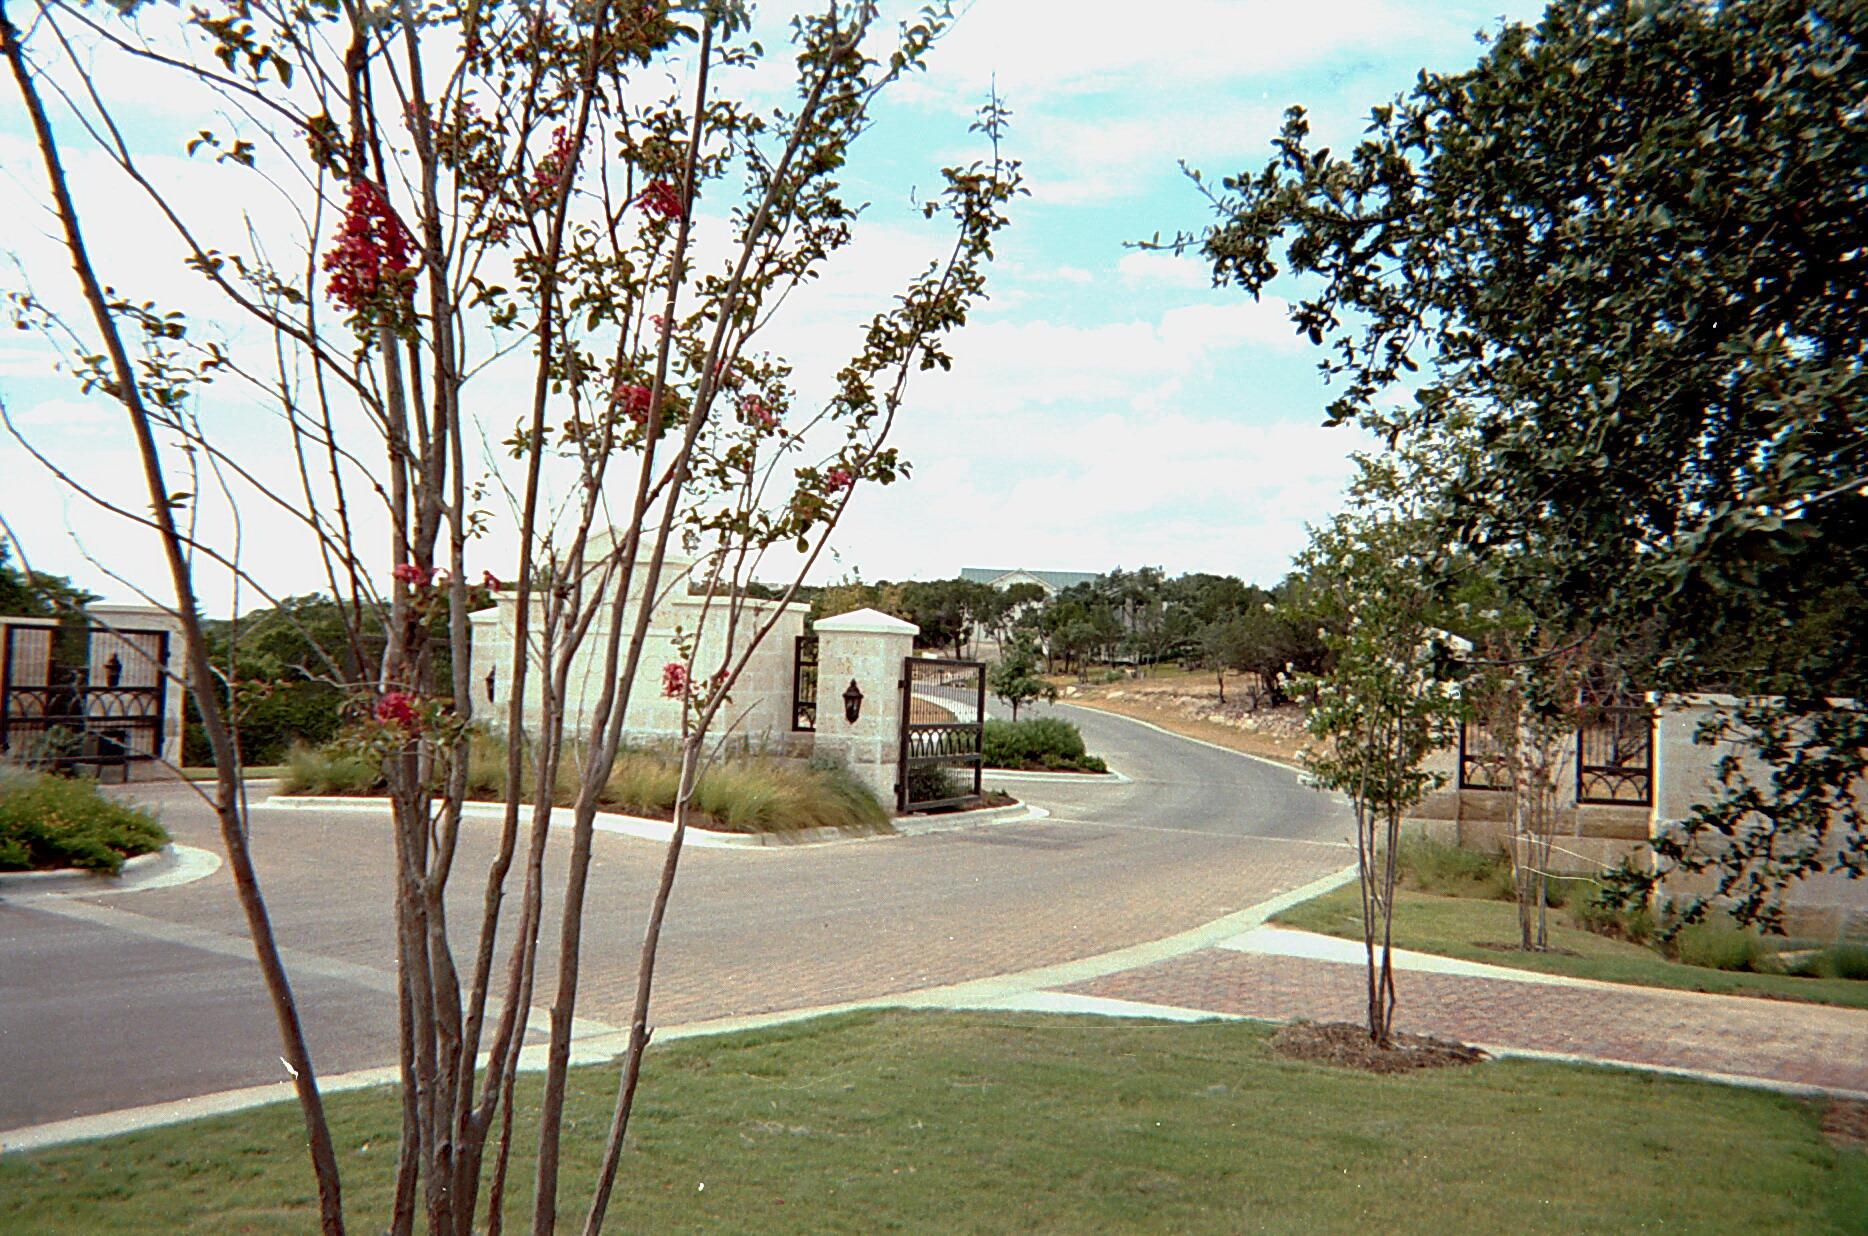 Lakeway Development